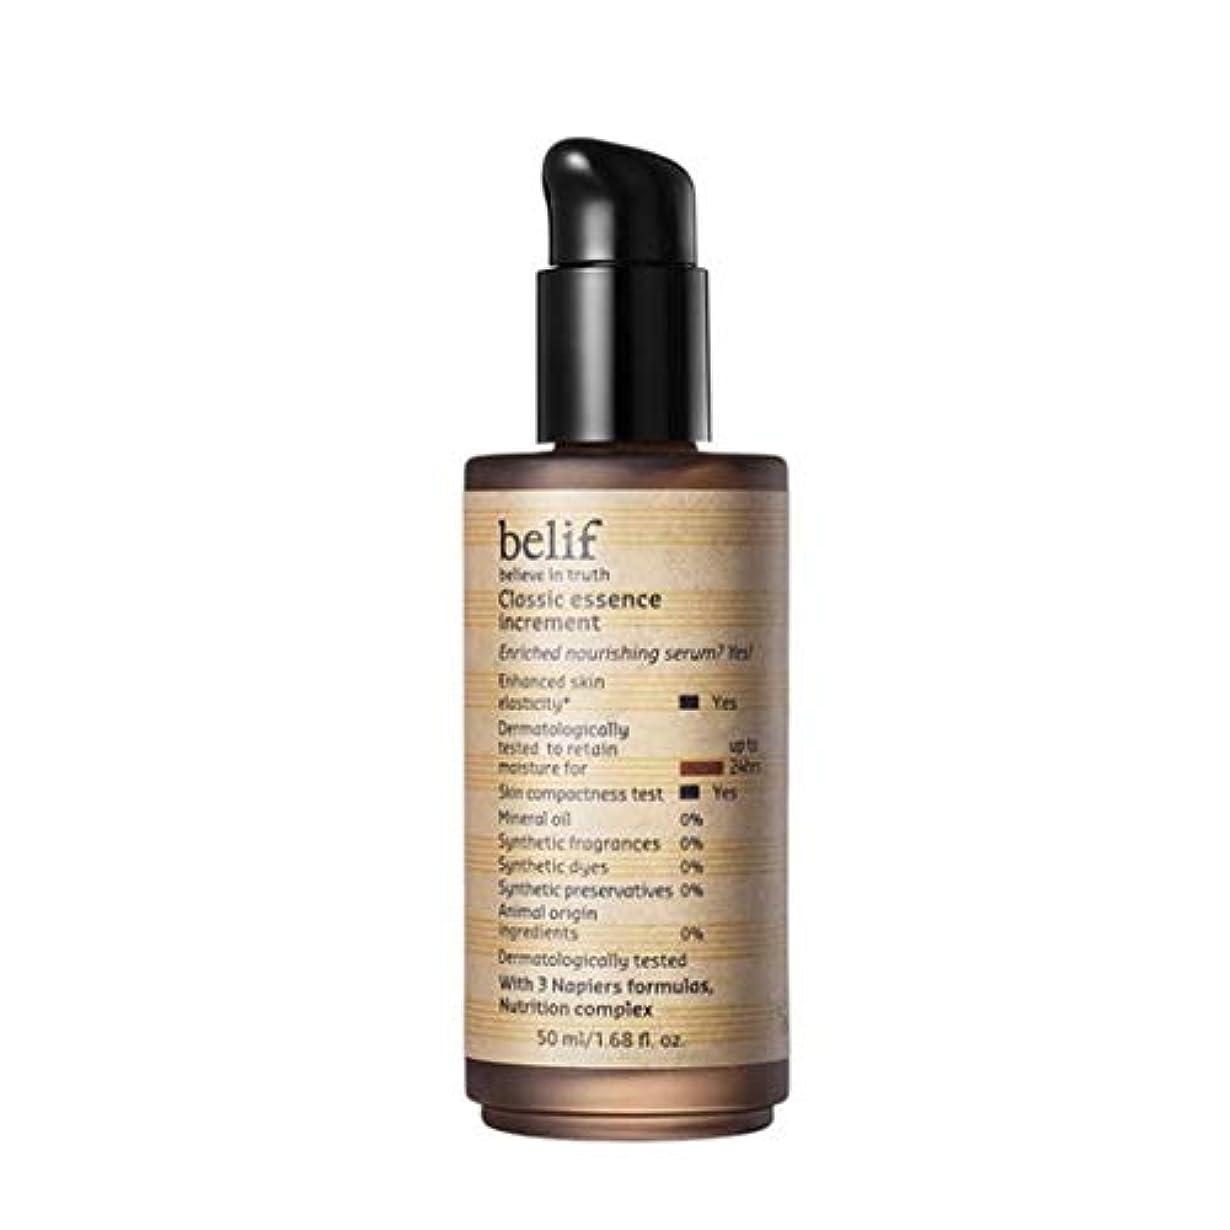 ビリープクラシックエッセンスインクリメント 50ml 肌の保湿と栄養韓国コスメ、belif Classic Essence Increment 50ml Korean Cosmetics [並行輸入品]